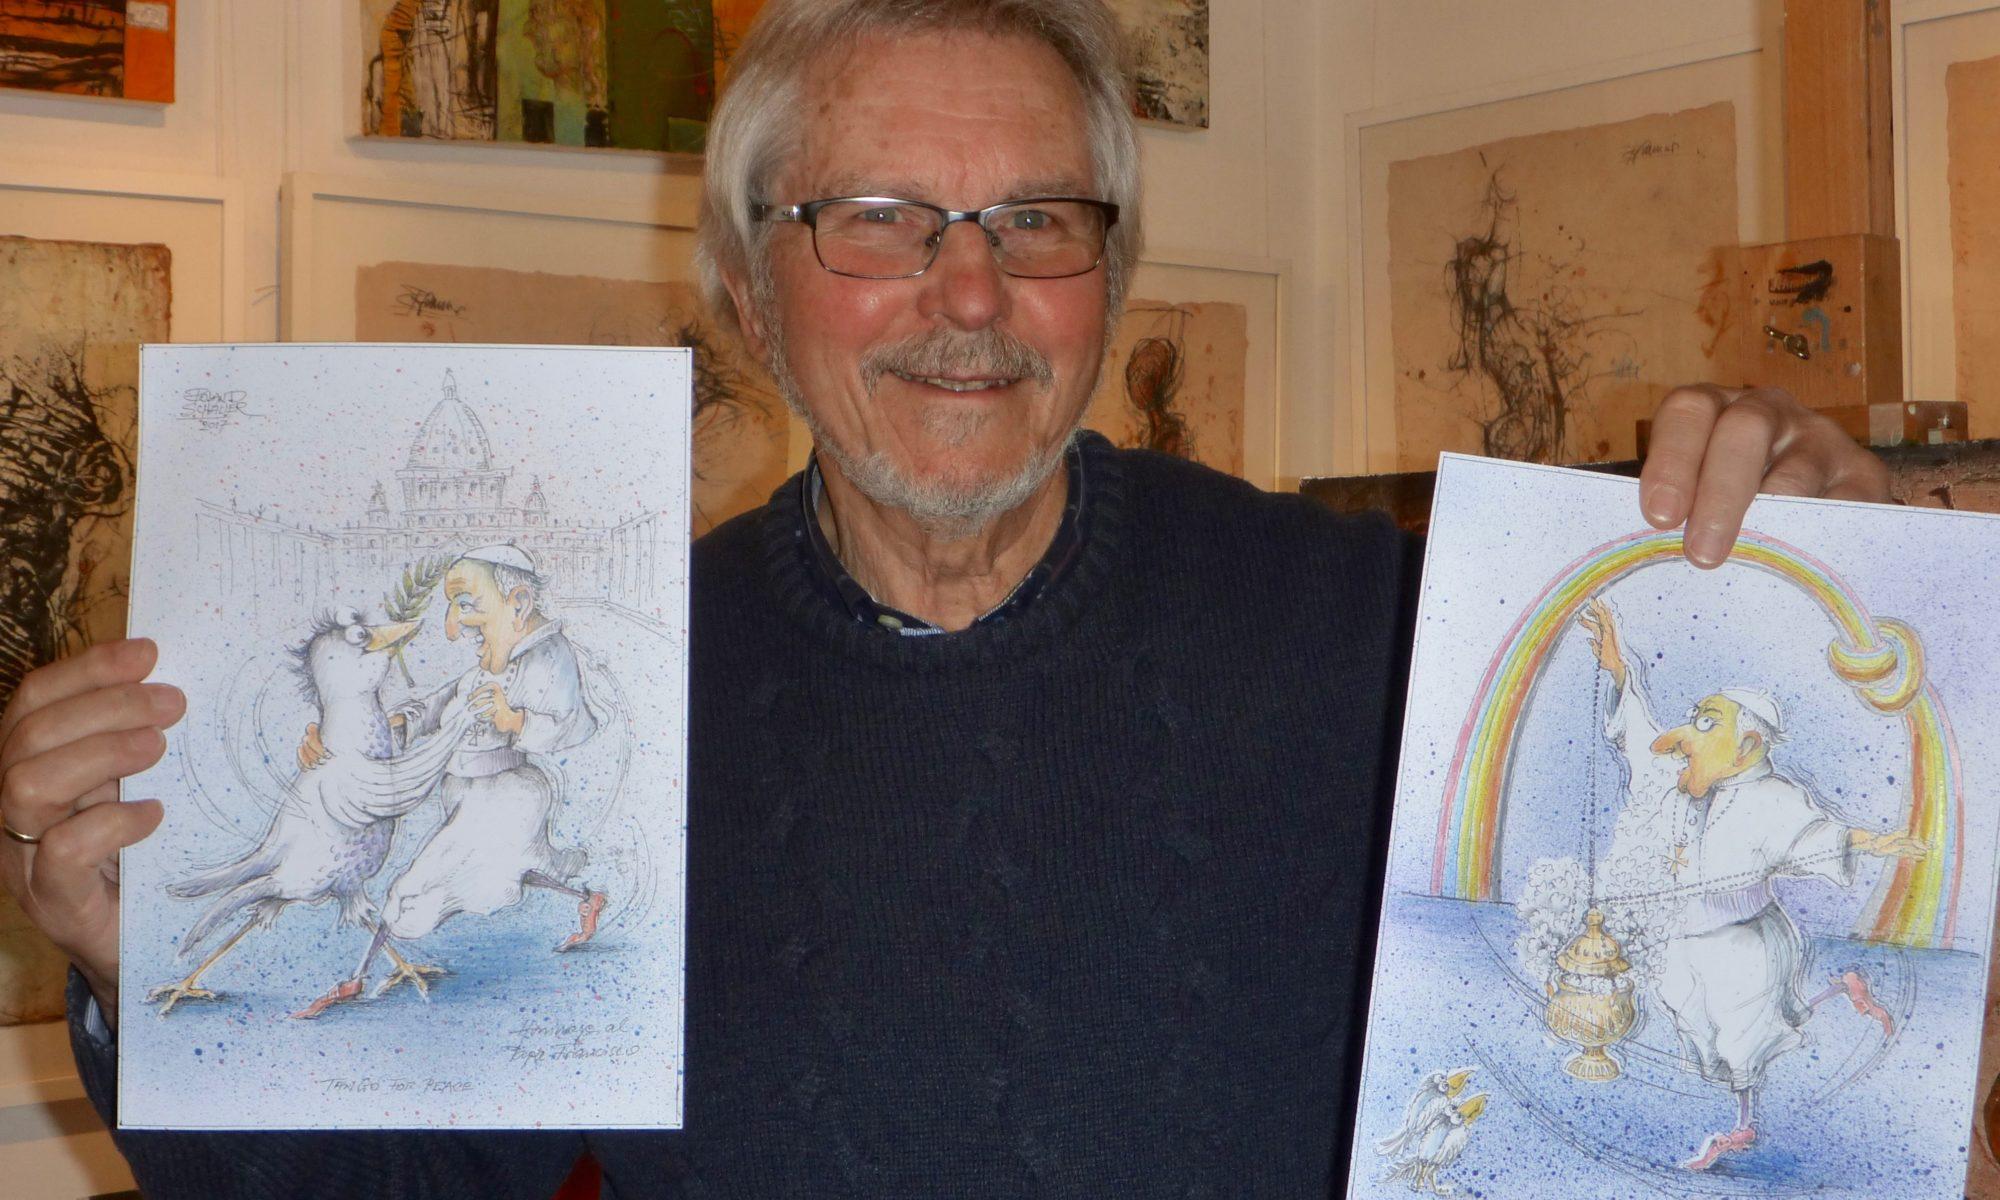 Künstler Roland Schaller aus Lohr hat zwei Karikaturen über Papst Franziskus für eine Ausstellung in dessen Heimat Argentinien erstellt. | Foto: B. Schneider